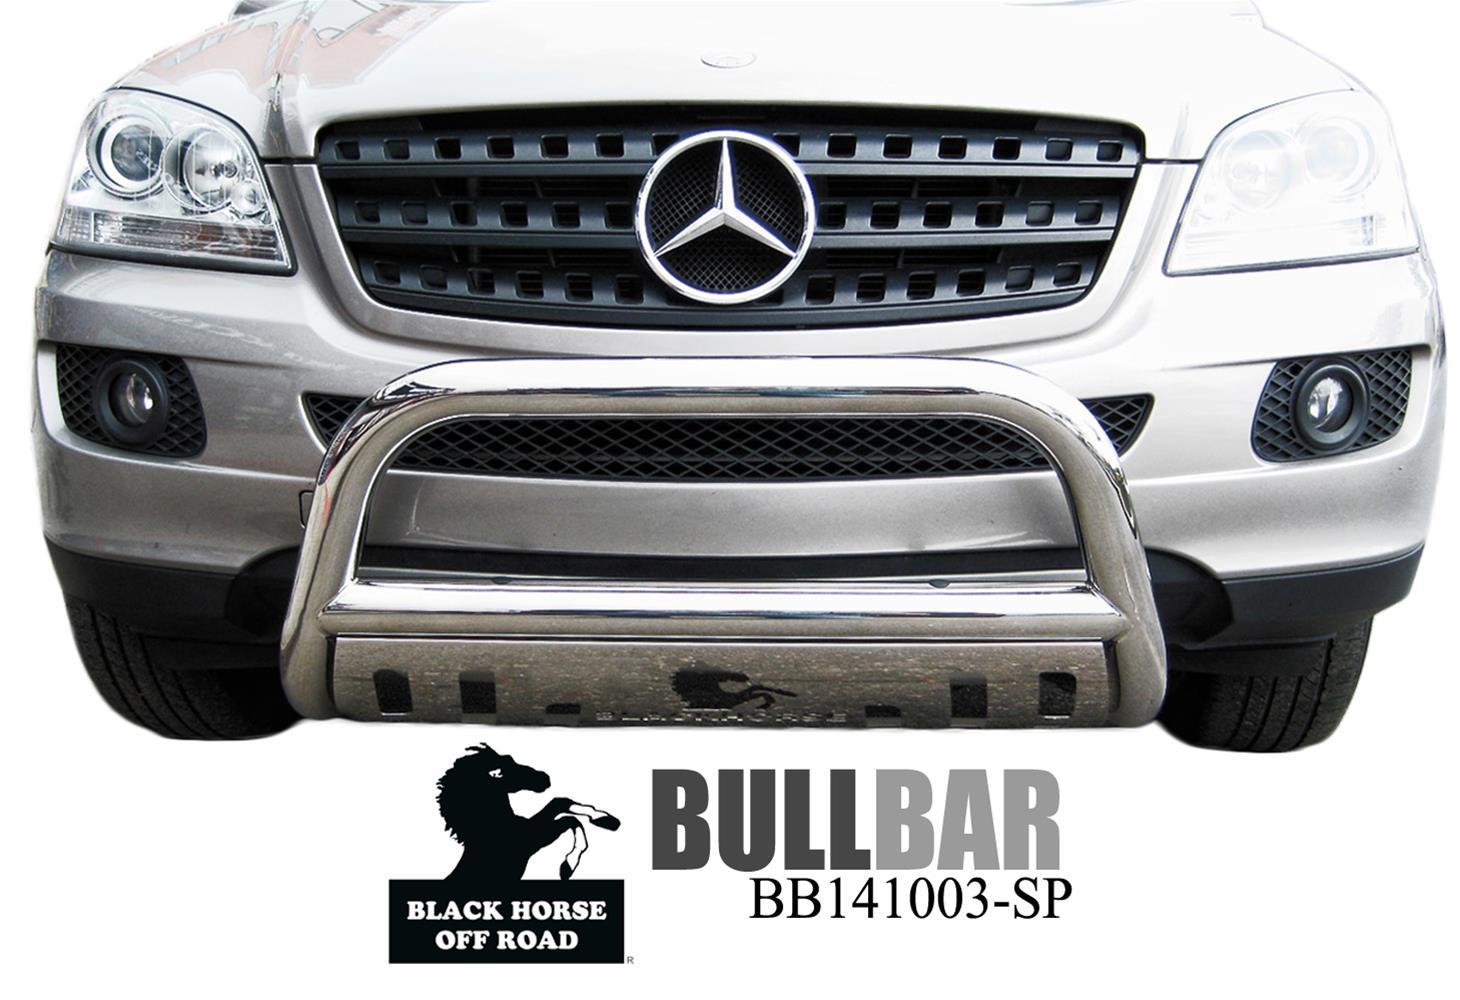 BLACK HORSE Off Road BB141003A Bull Bar